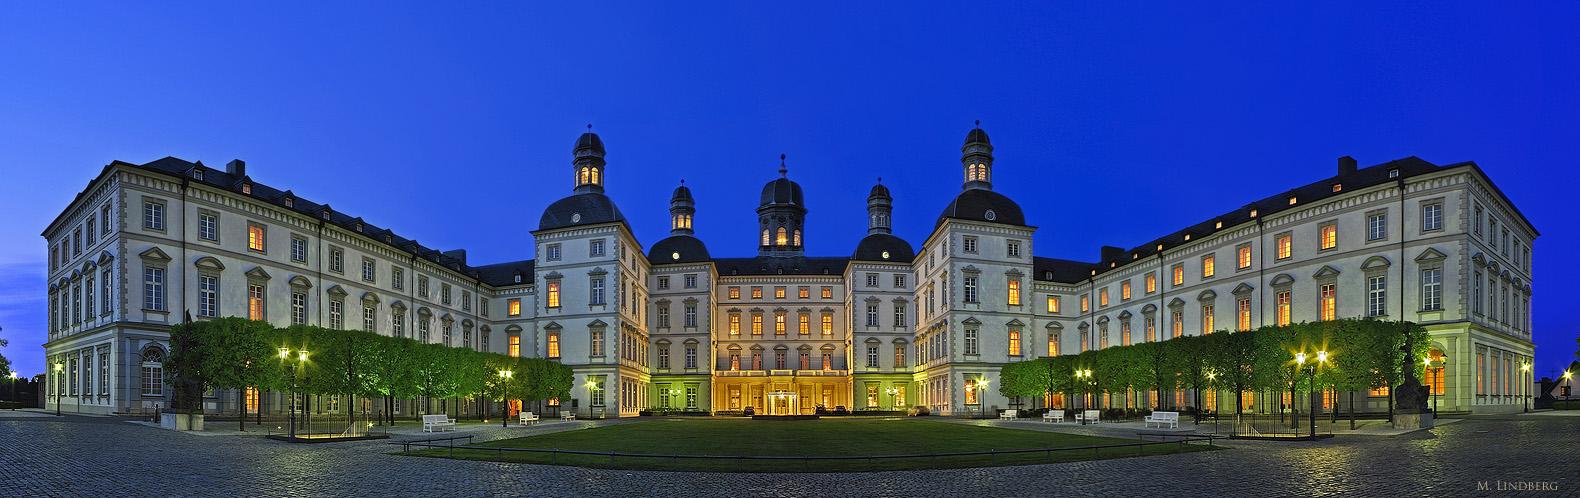 Krimidinner Schloss Bensberg